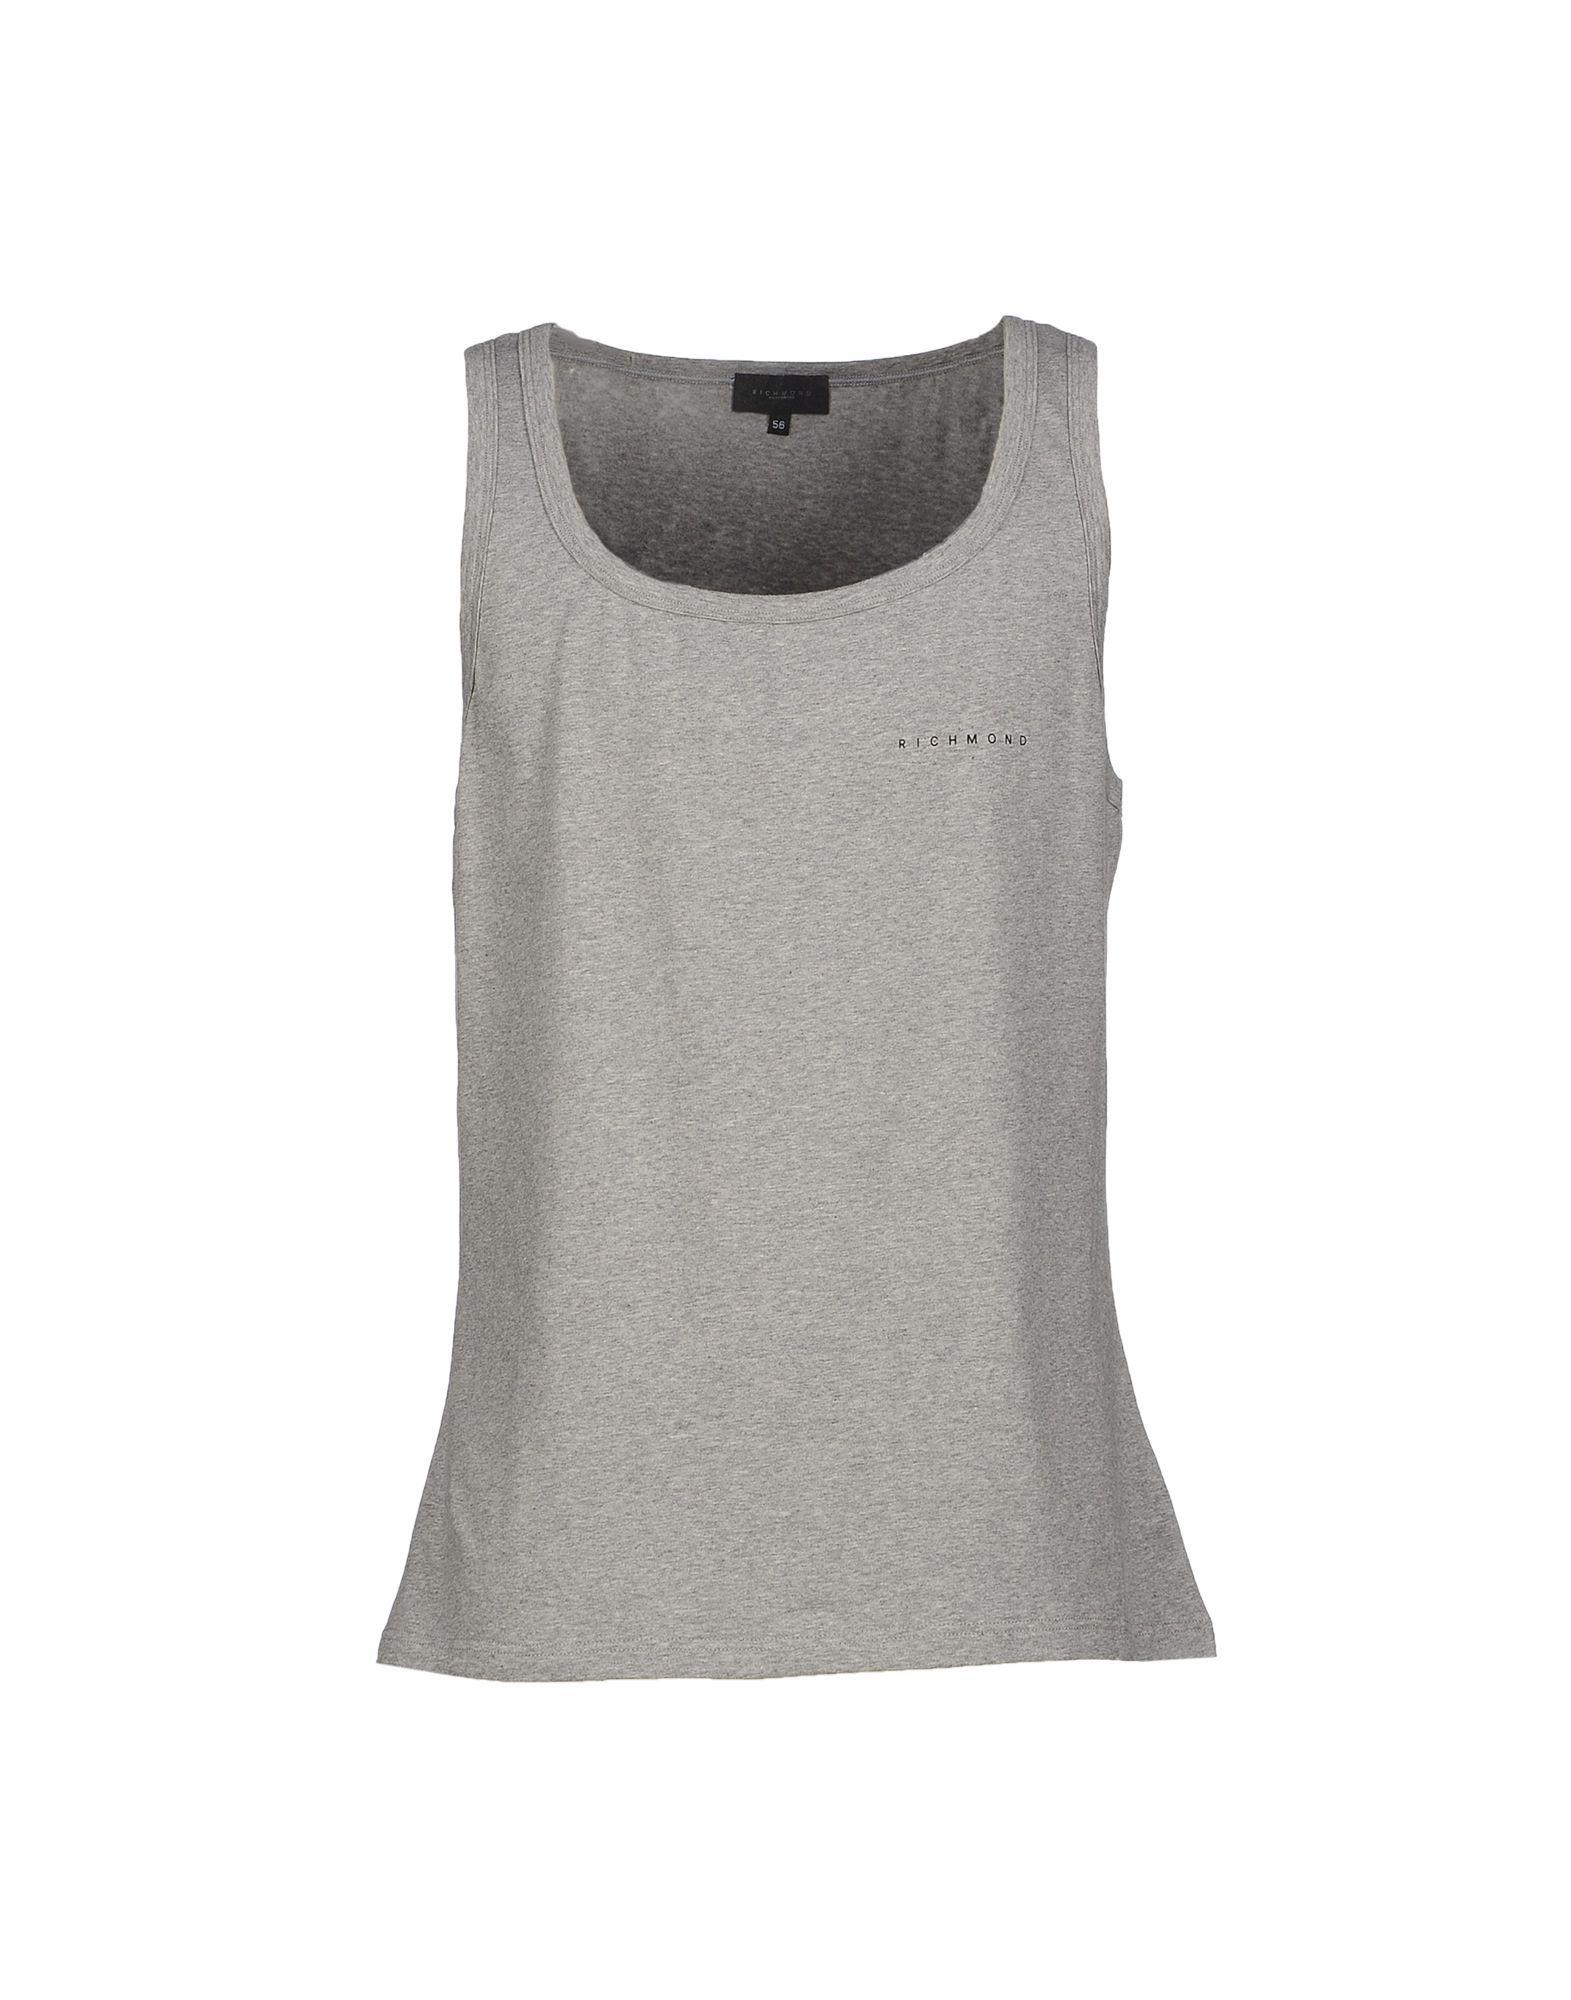 John Richmond Underwear Grey Cotton Jersey Vest